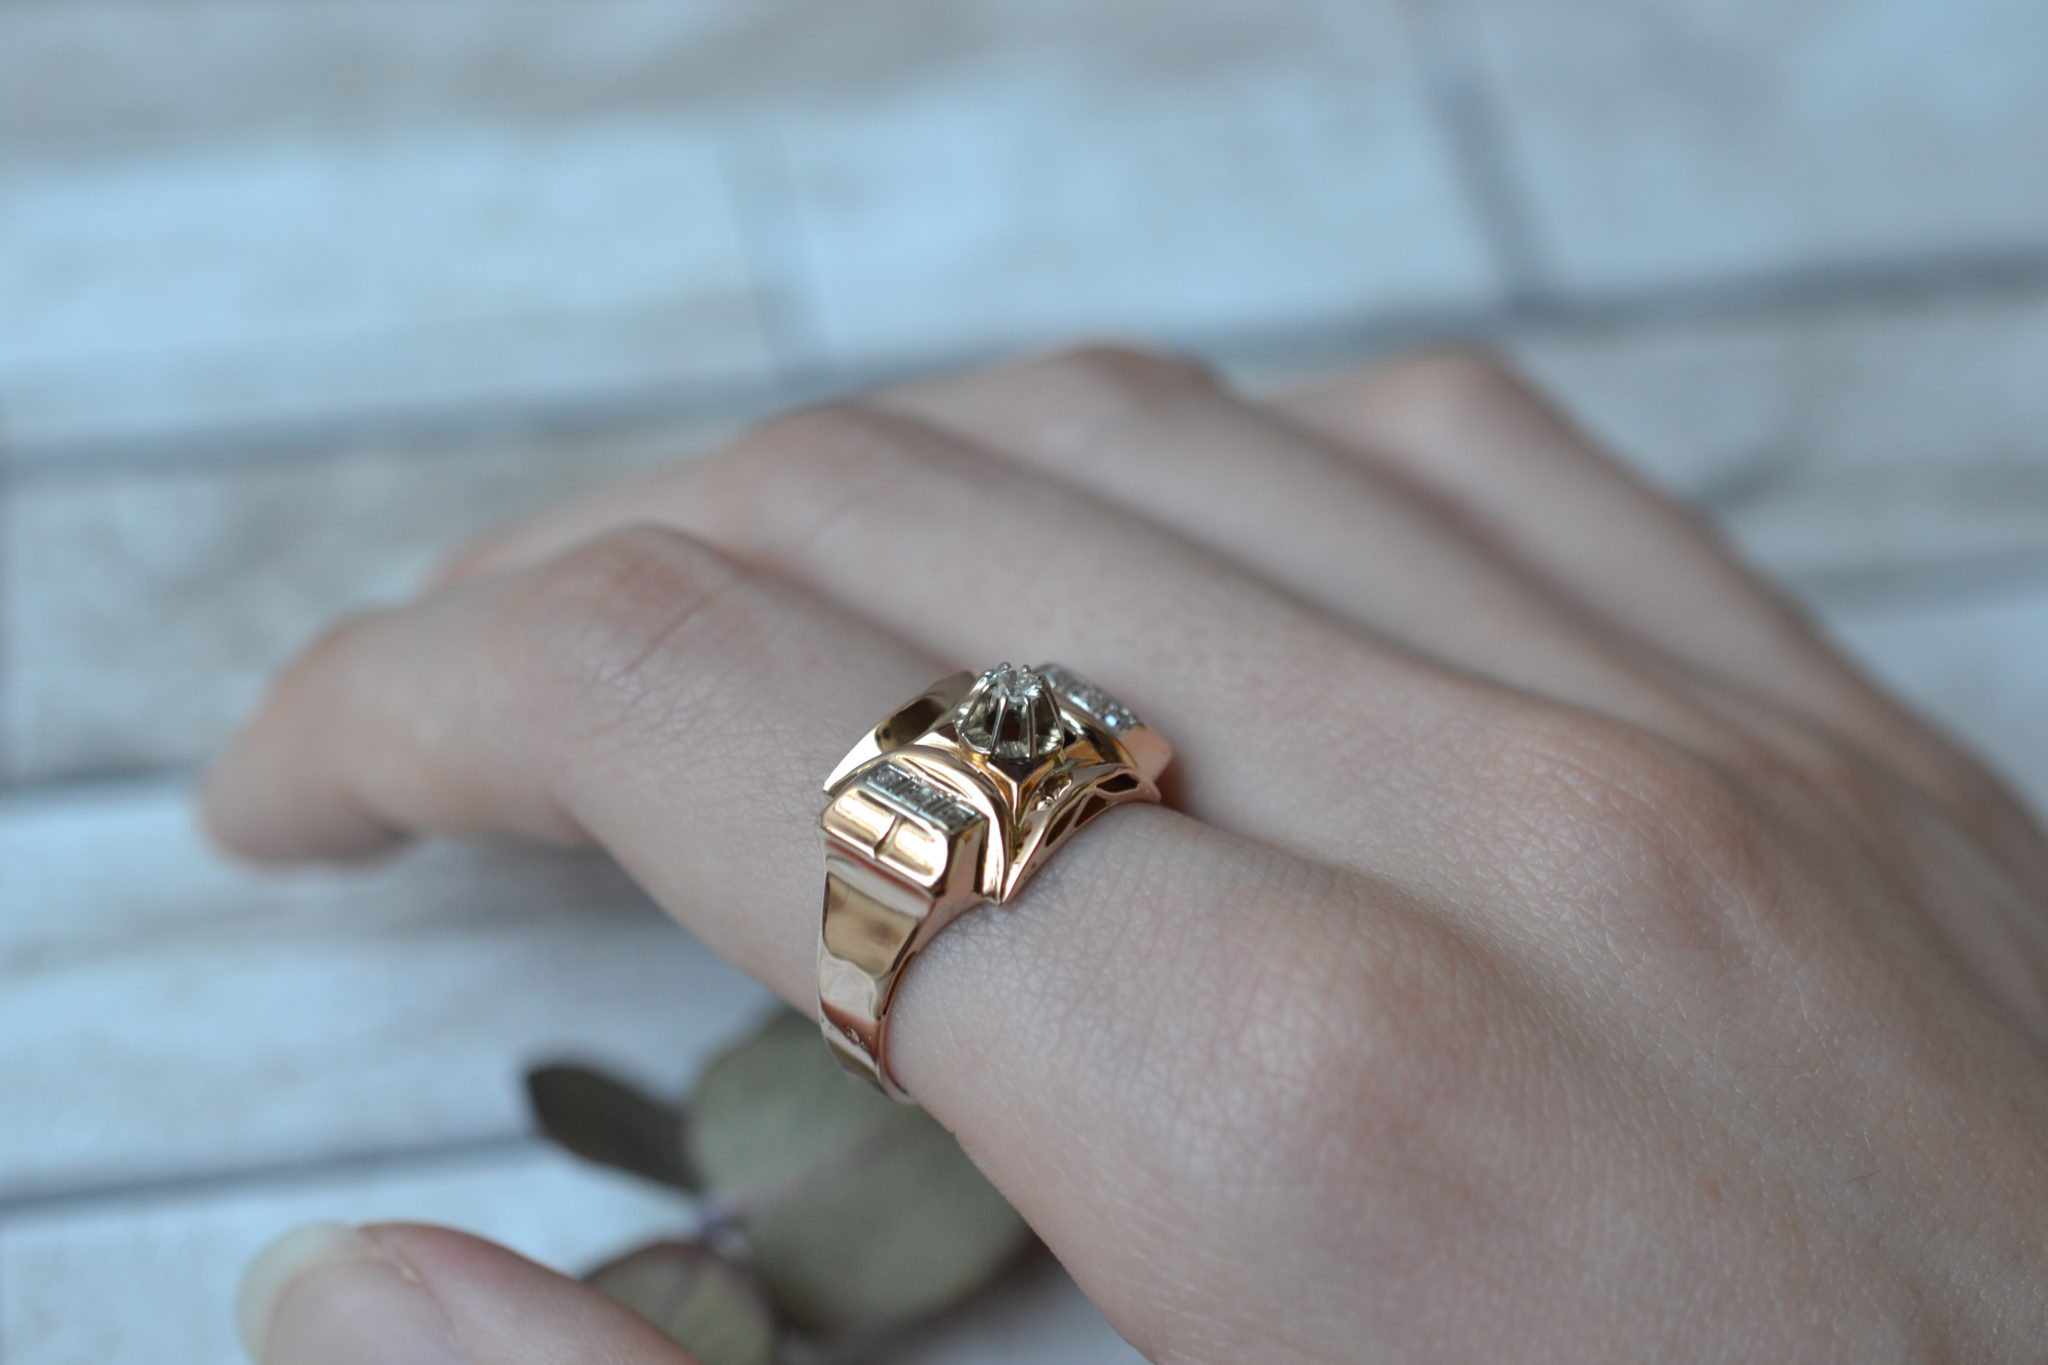 Bague en Or jaune style Tank ornée d_un diamant central, épaulé de deux bandes de diamants - bague de seconde main